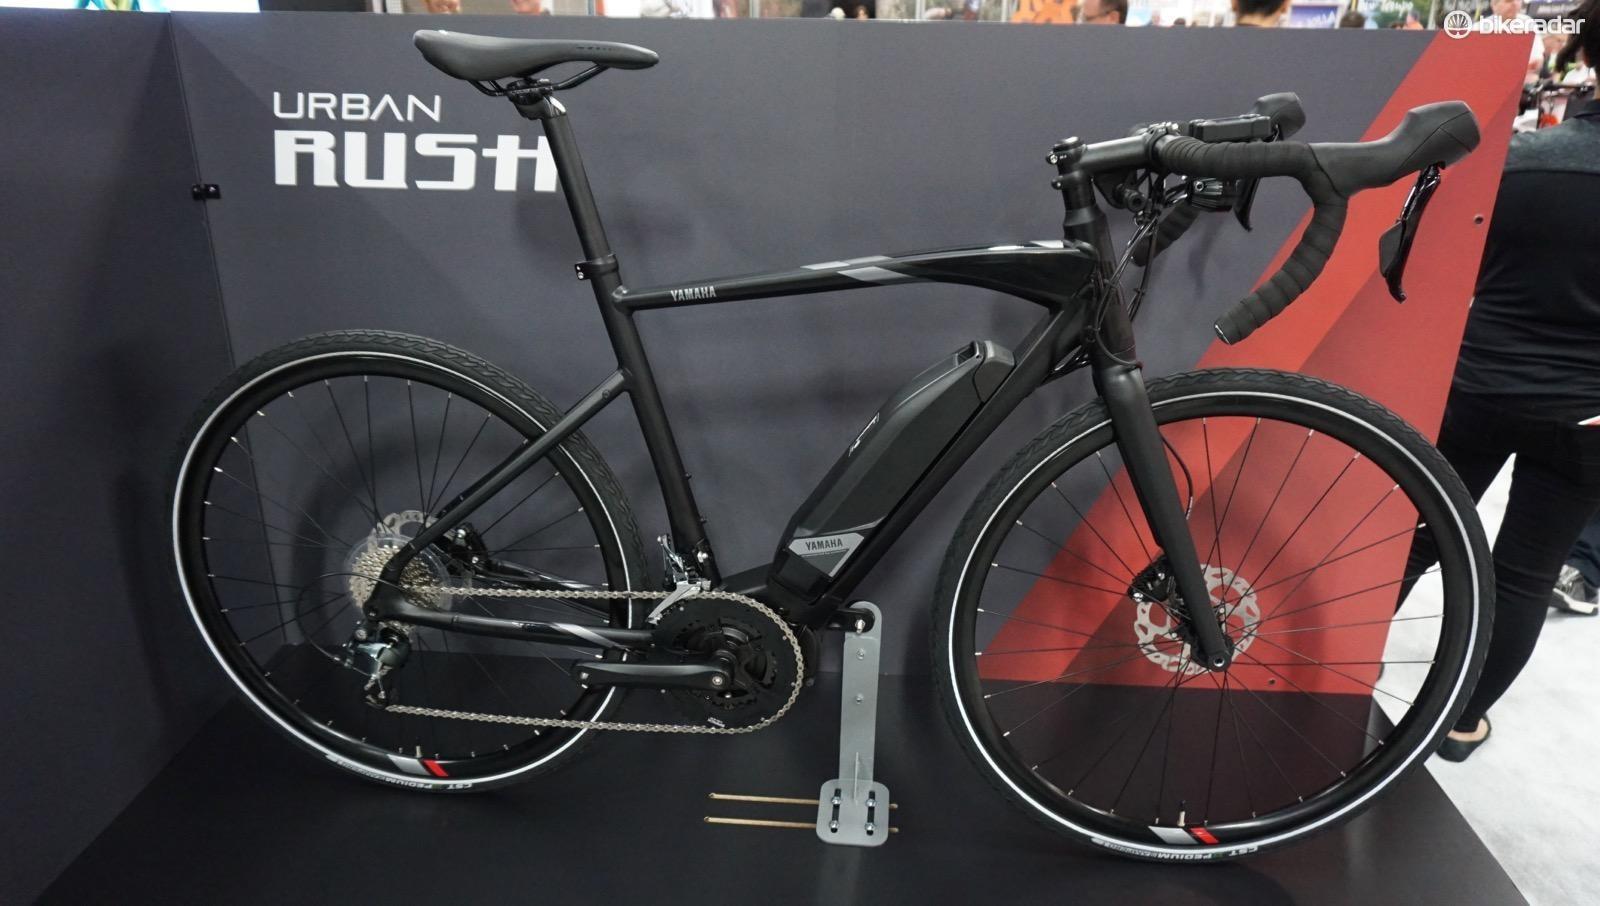 The Rush will be Yamaha's e-road bike